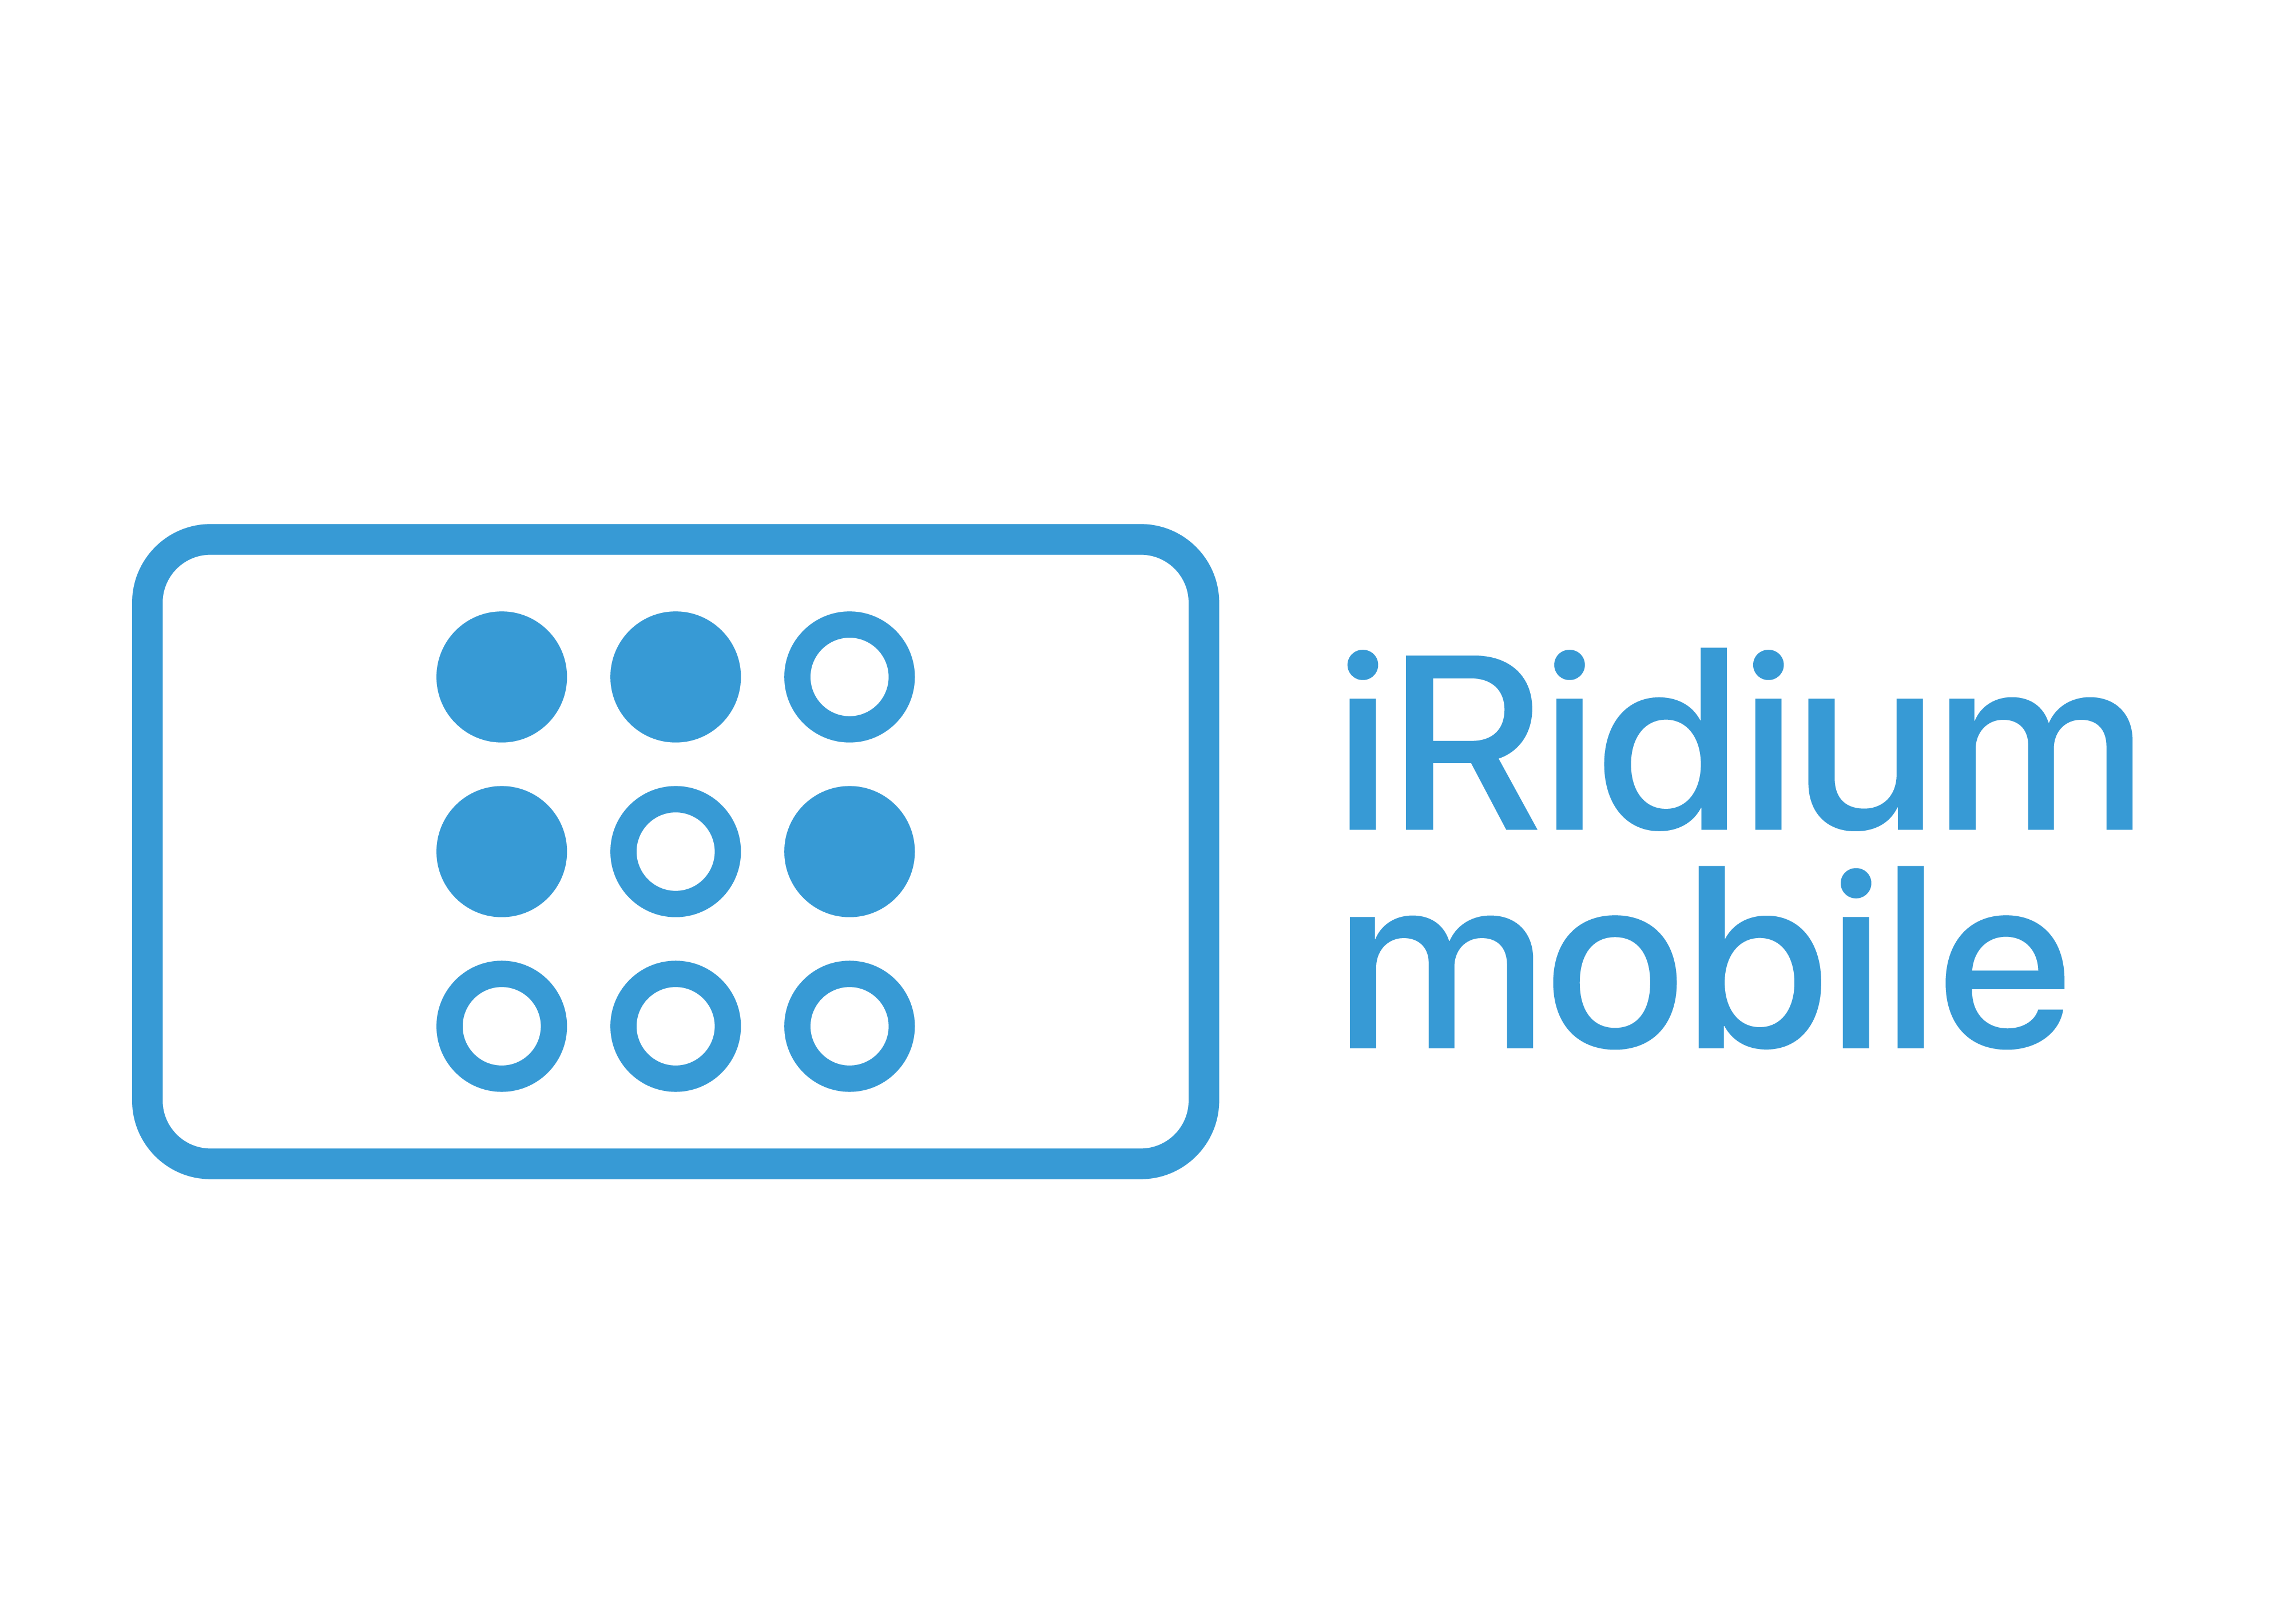 Download iRidium 3 0 components: i3 pro, Server, Studio